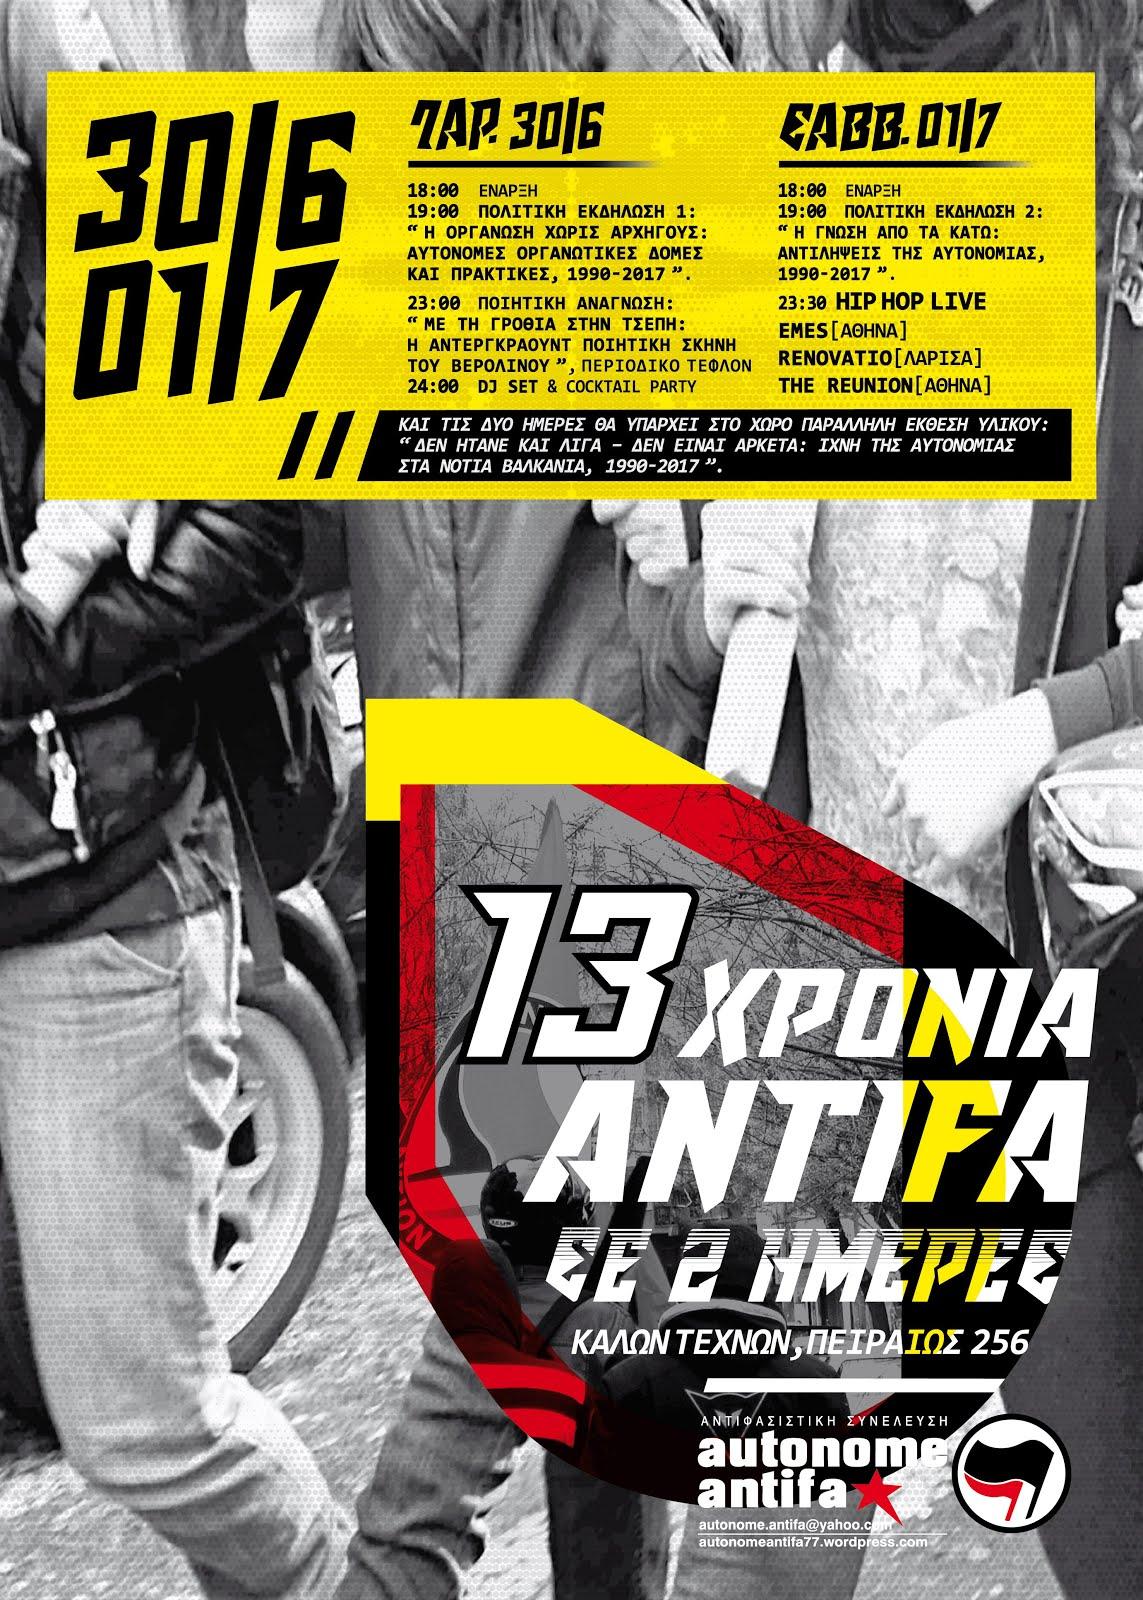 13 χρόνια antifa σε 2 ημέρες